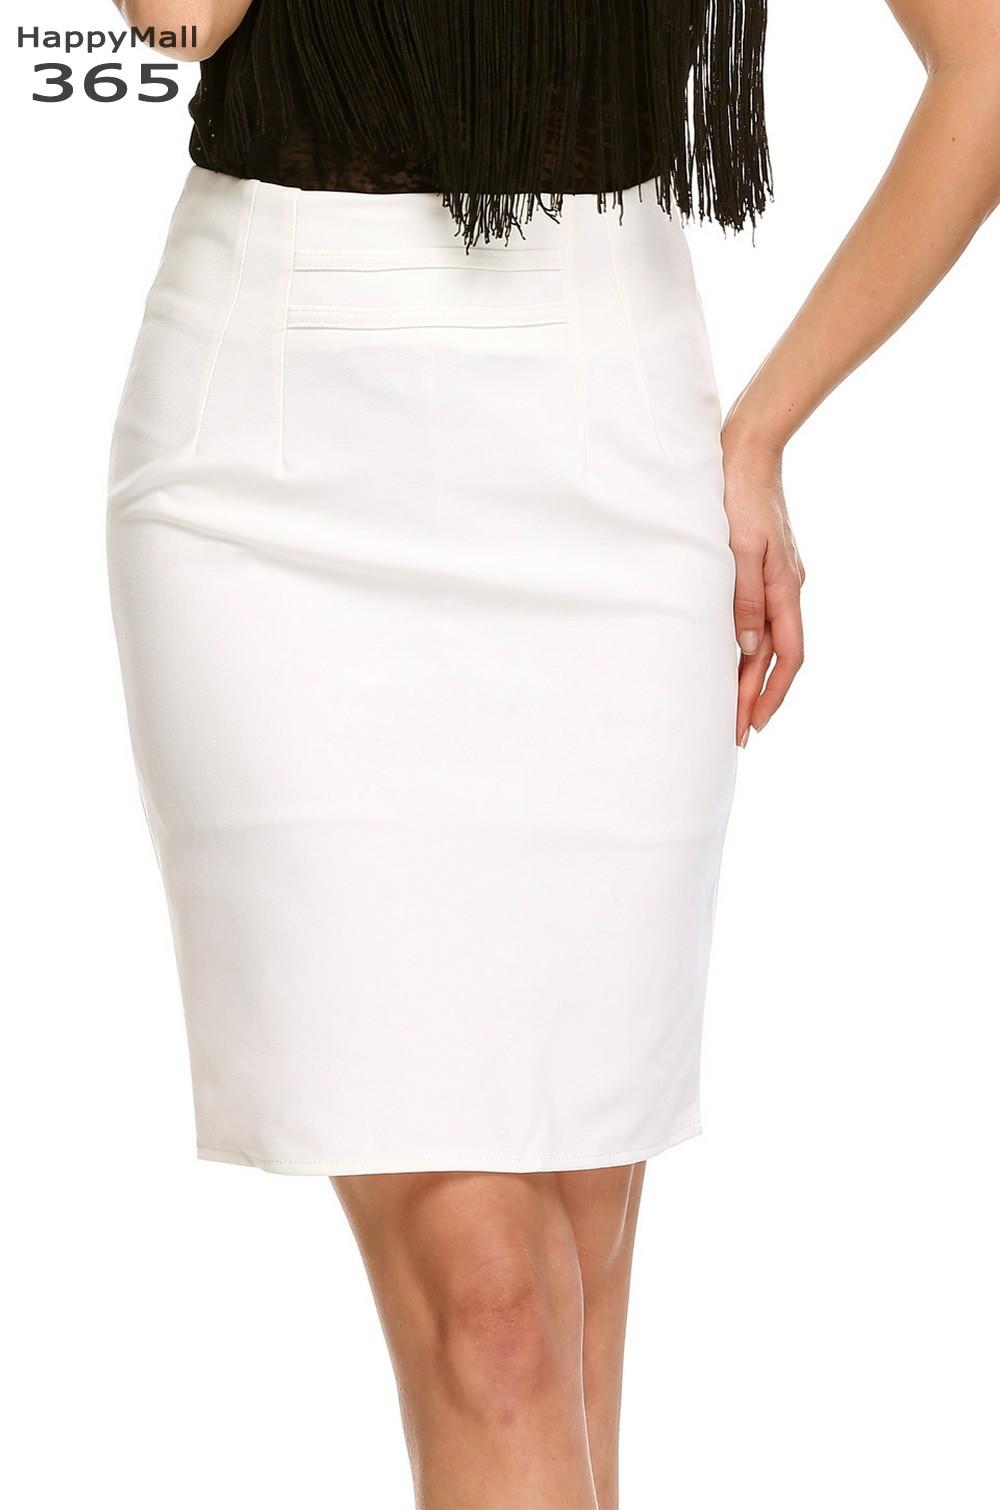 saias femininas fashion 2015 skirt office